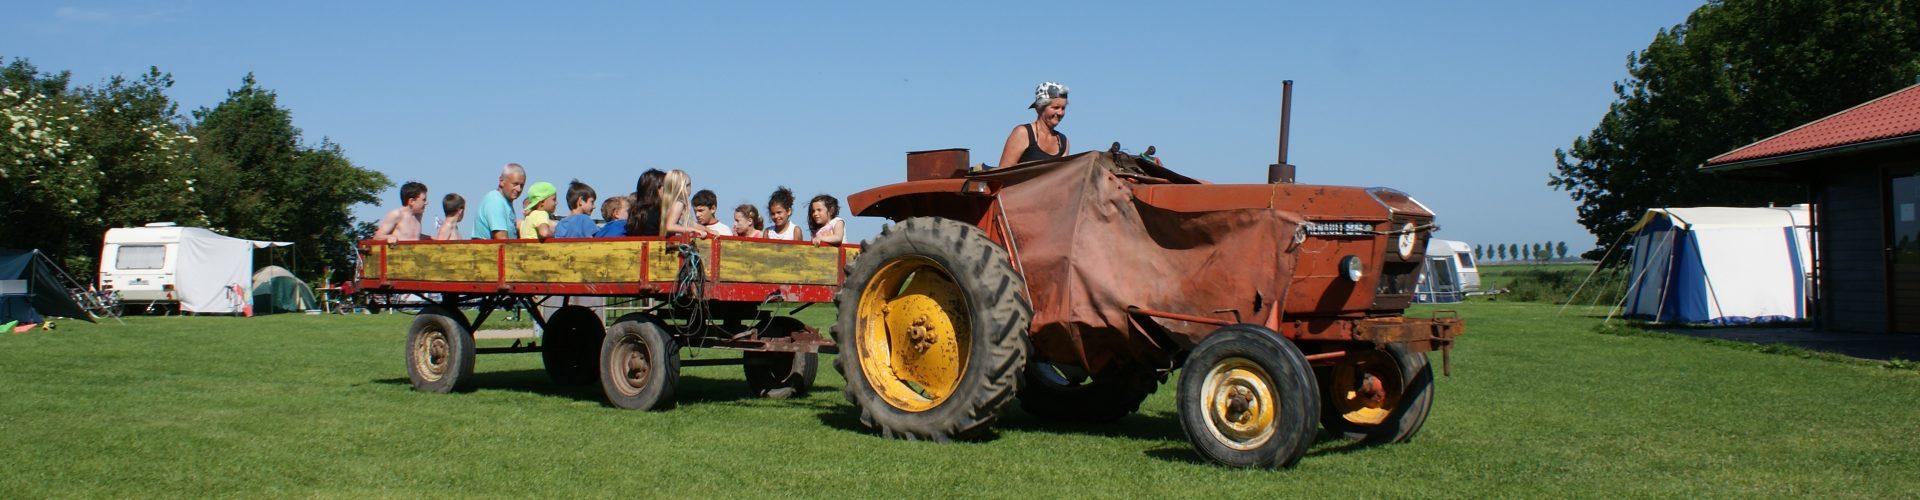 Boerderijcamping, tracktorrit door de weilanden